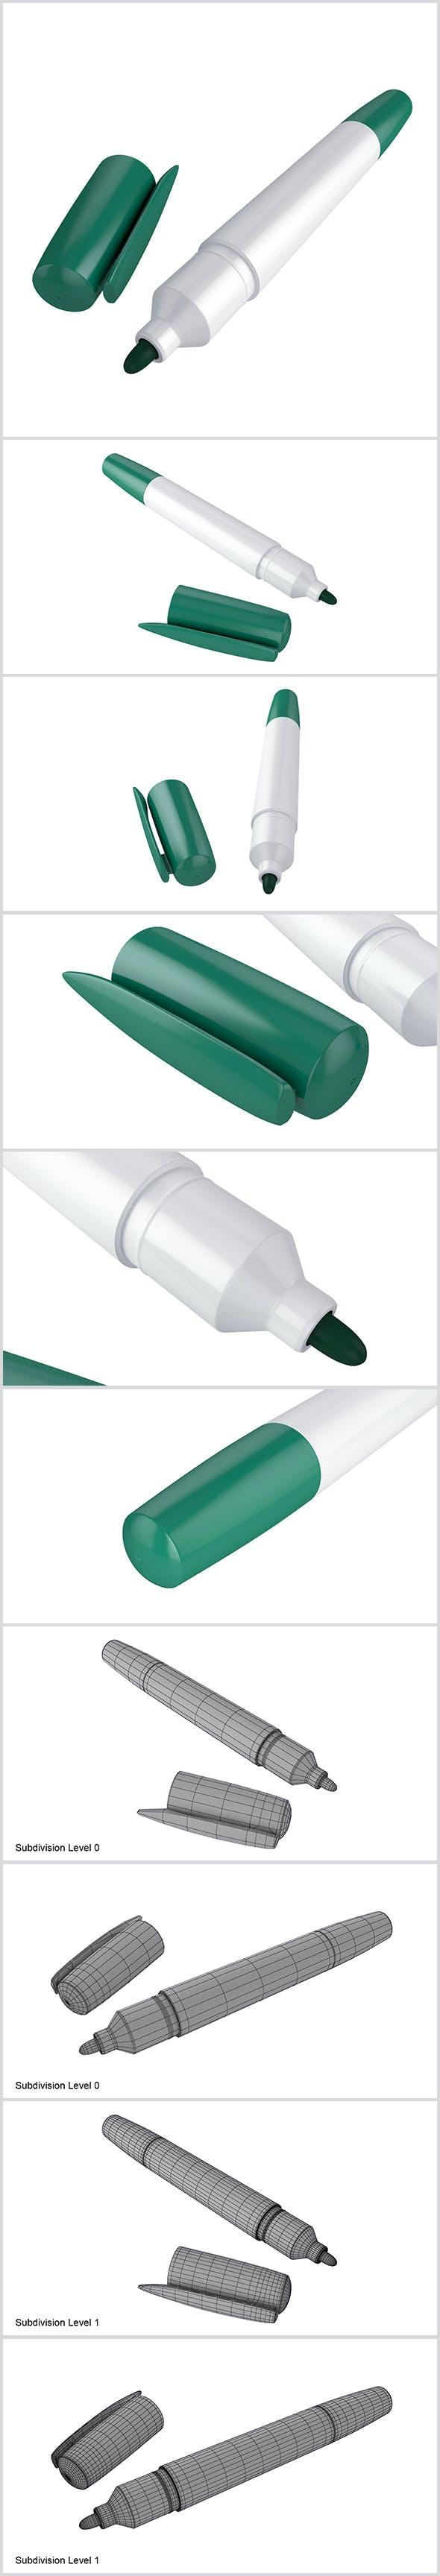 Marker - 3DOcean Item for Sale